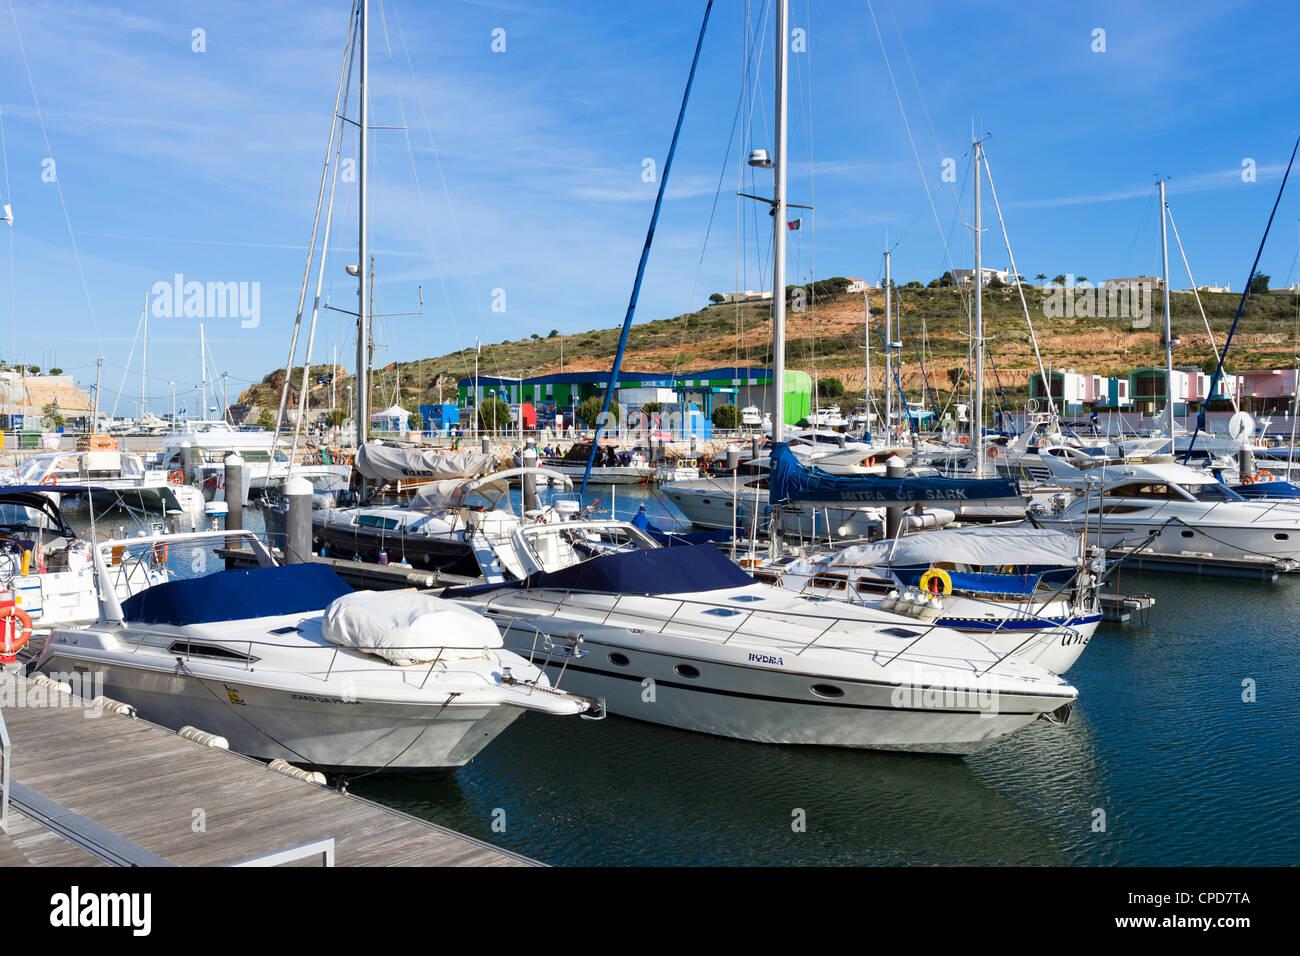 Bateaux dans le port de plaisance, Albufeira, Algarve, Portugal Photo Stock